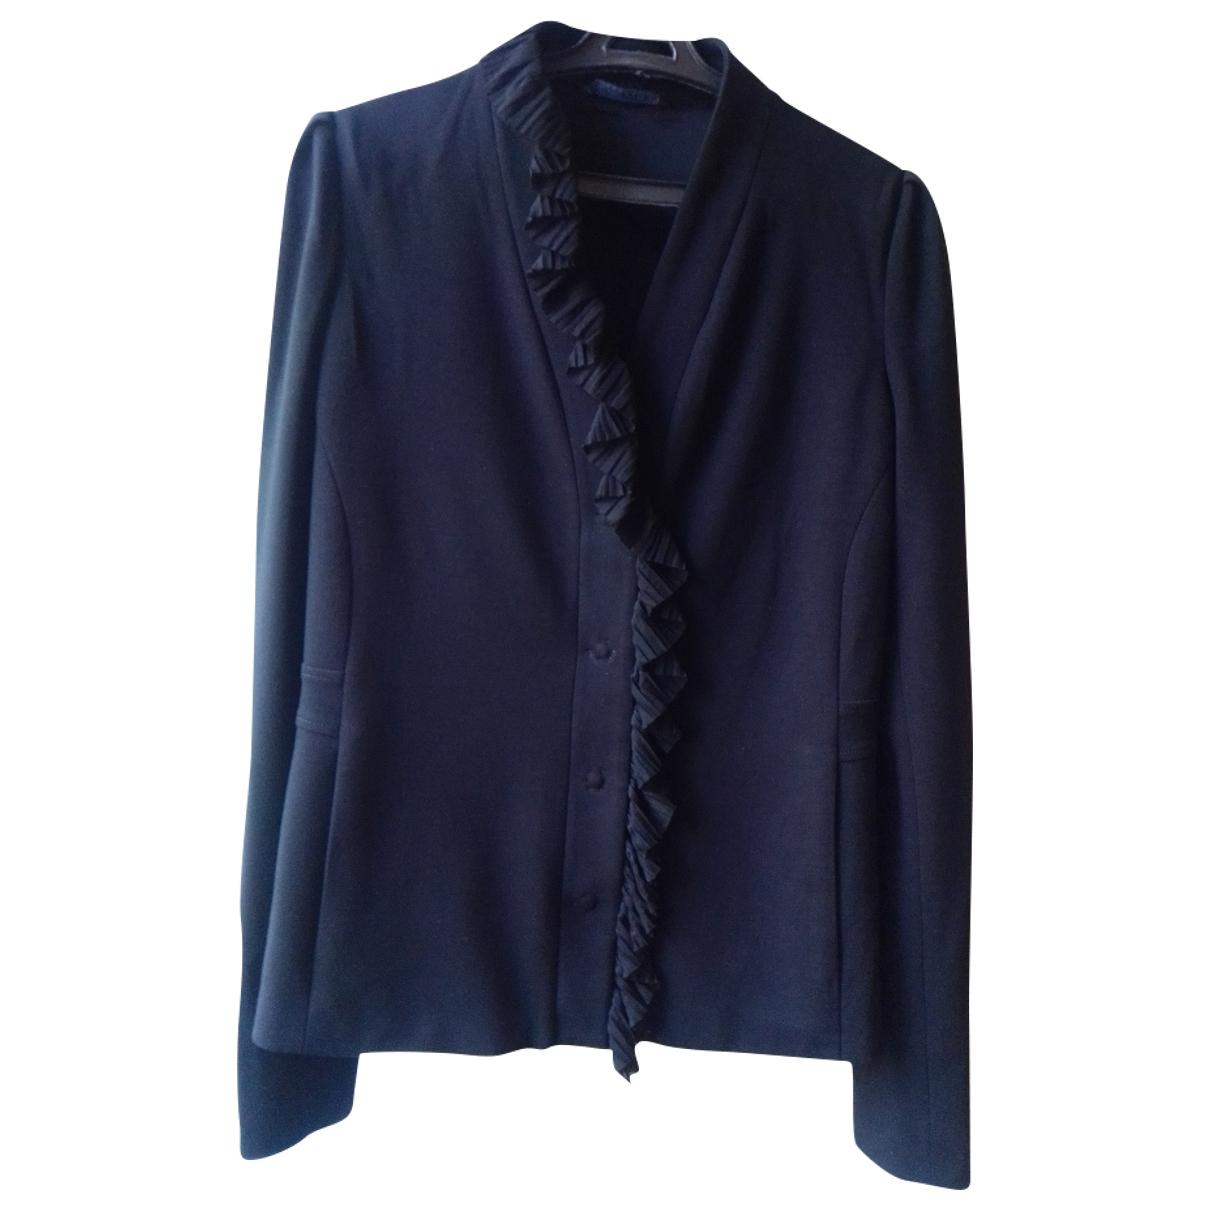 Liu.jo \N Black jacket for Women 44 IT